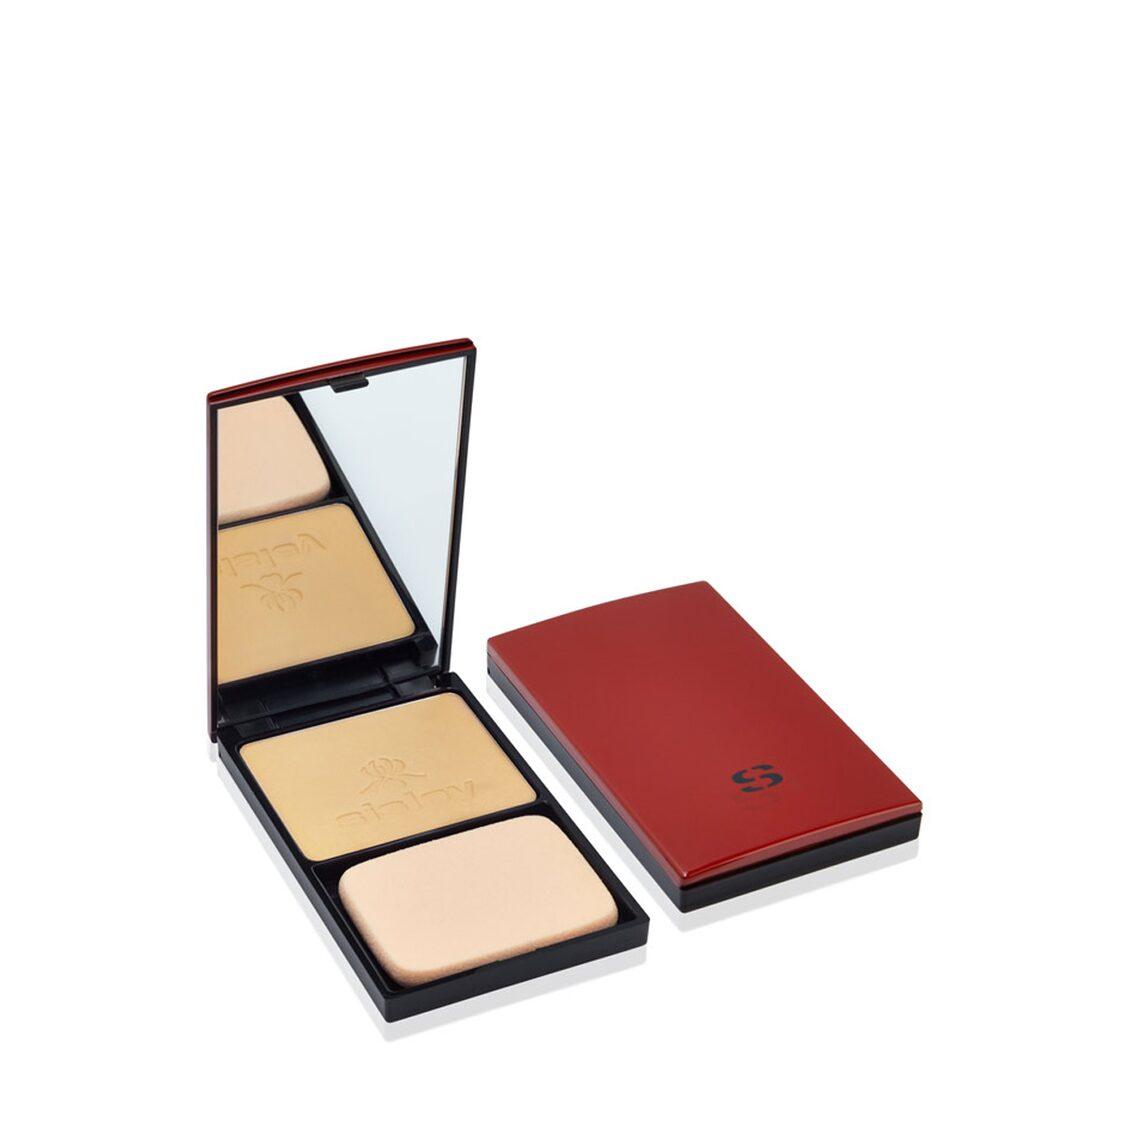 Sisley Phyto-Teint Eclat Compact